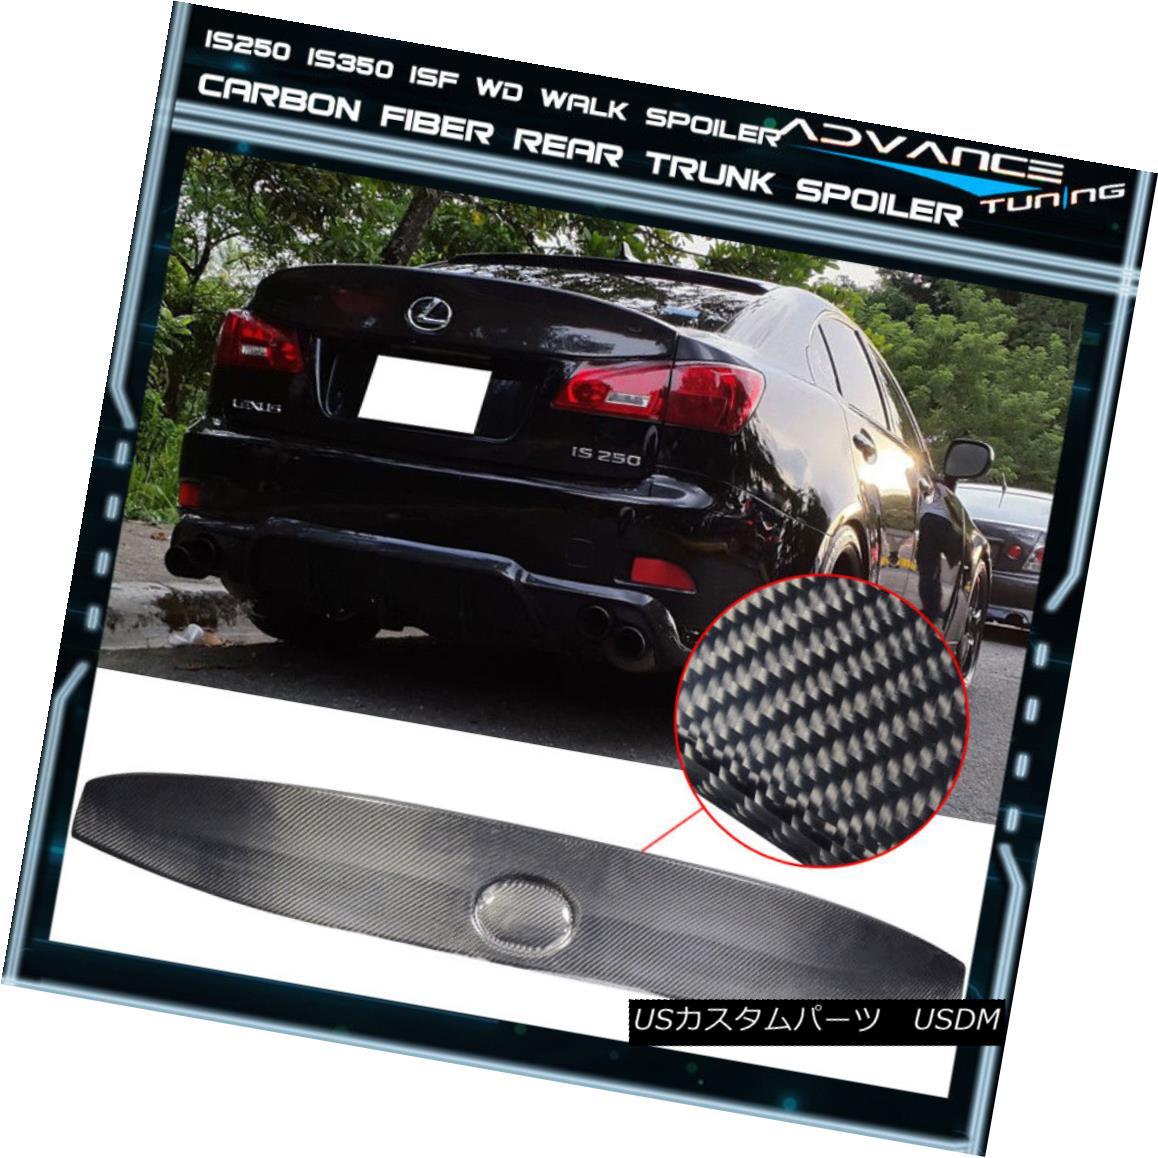 エアロパーツ Fits 06-13 Lexus IS250 IS350 ISF Carbon Fiber IK Style Rear Trunk Spoiler Wing フィット06-13レクサスIS250 IS350 ISFカーボンファイバーIKスタイルリアトランクスポイラーウイング